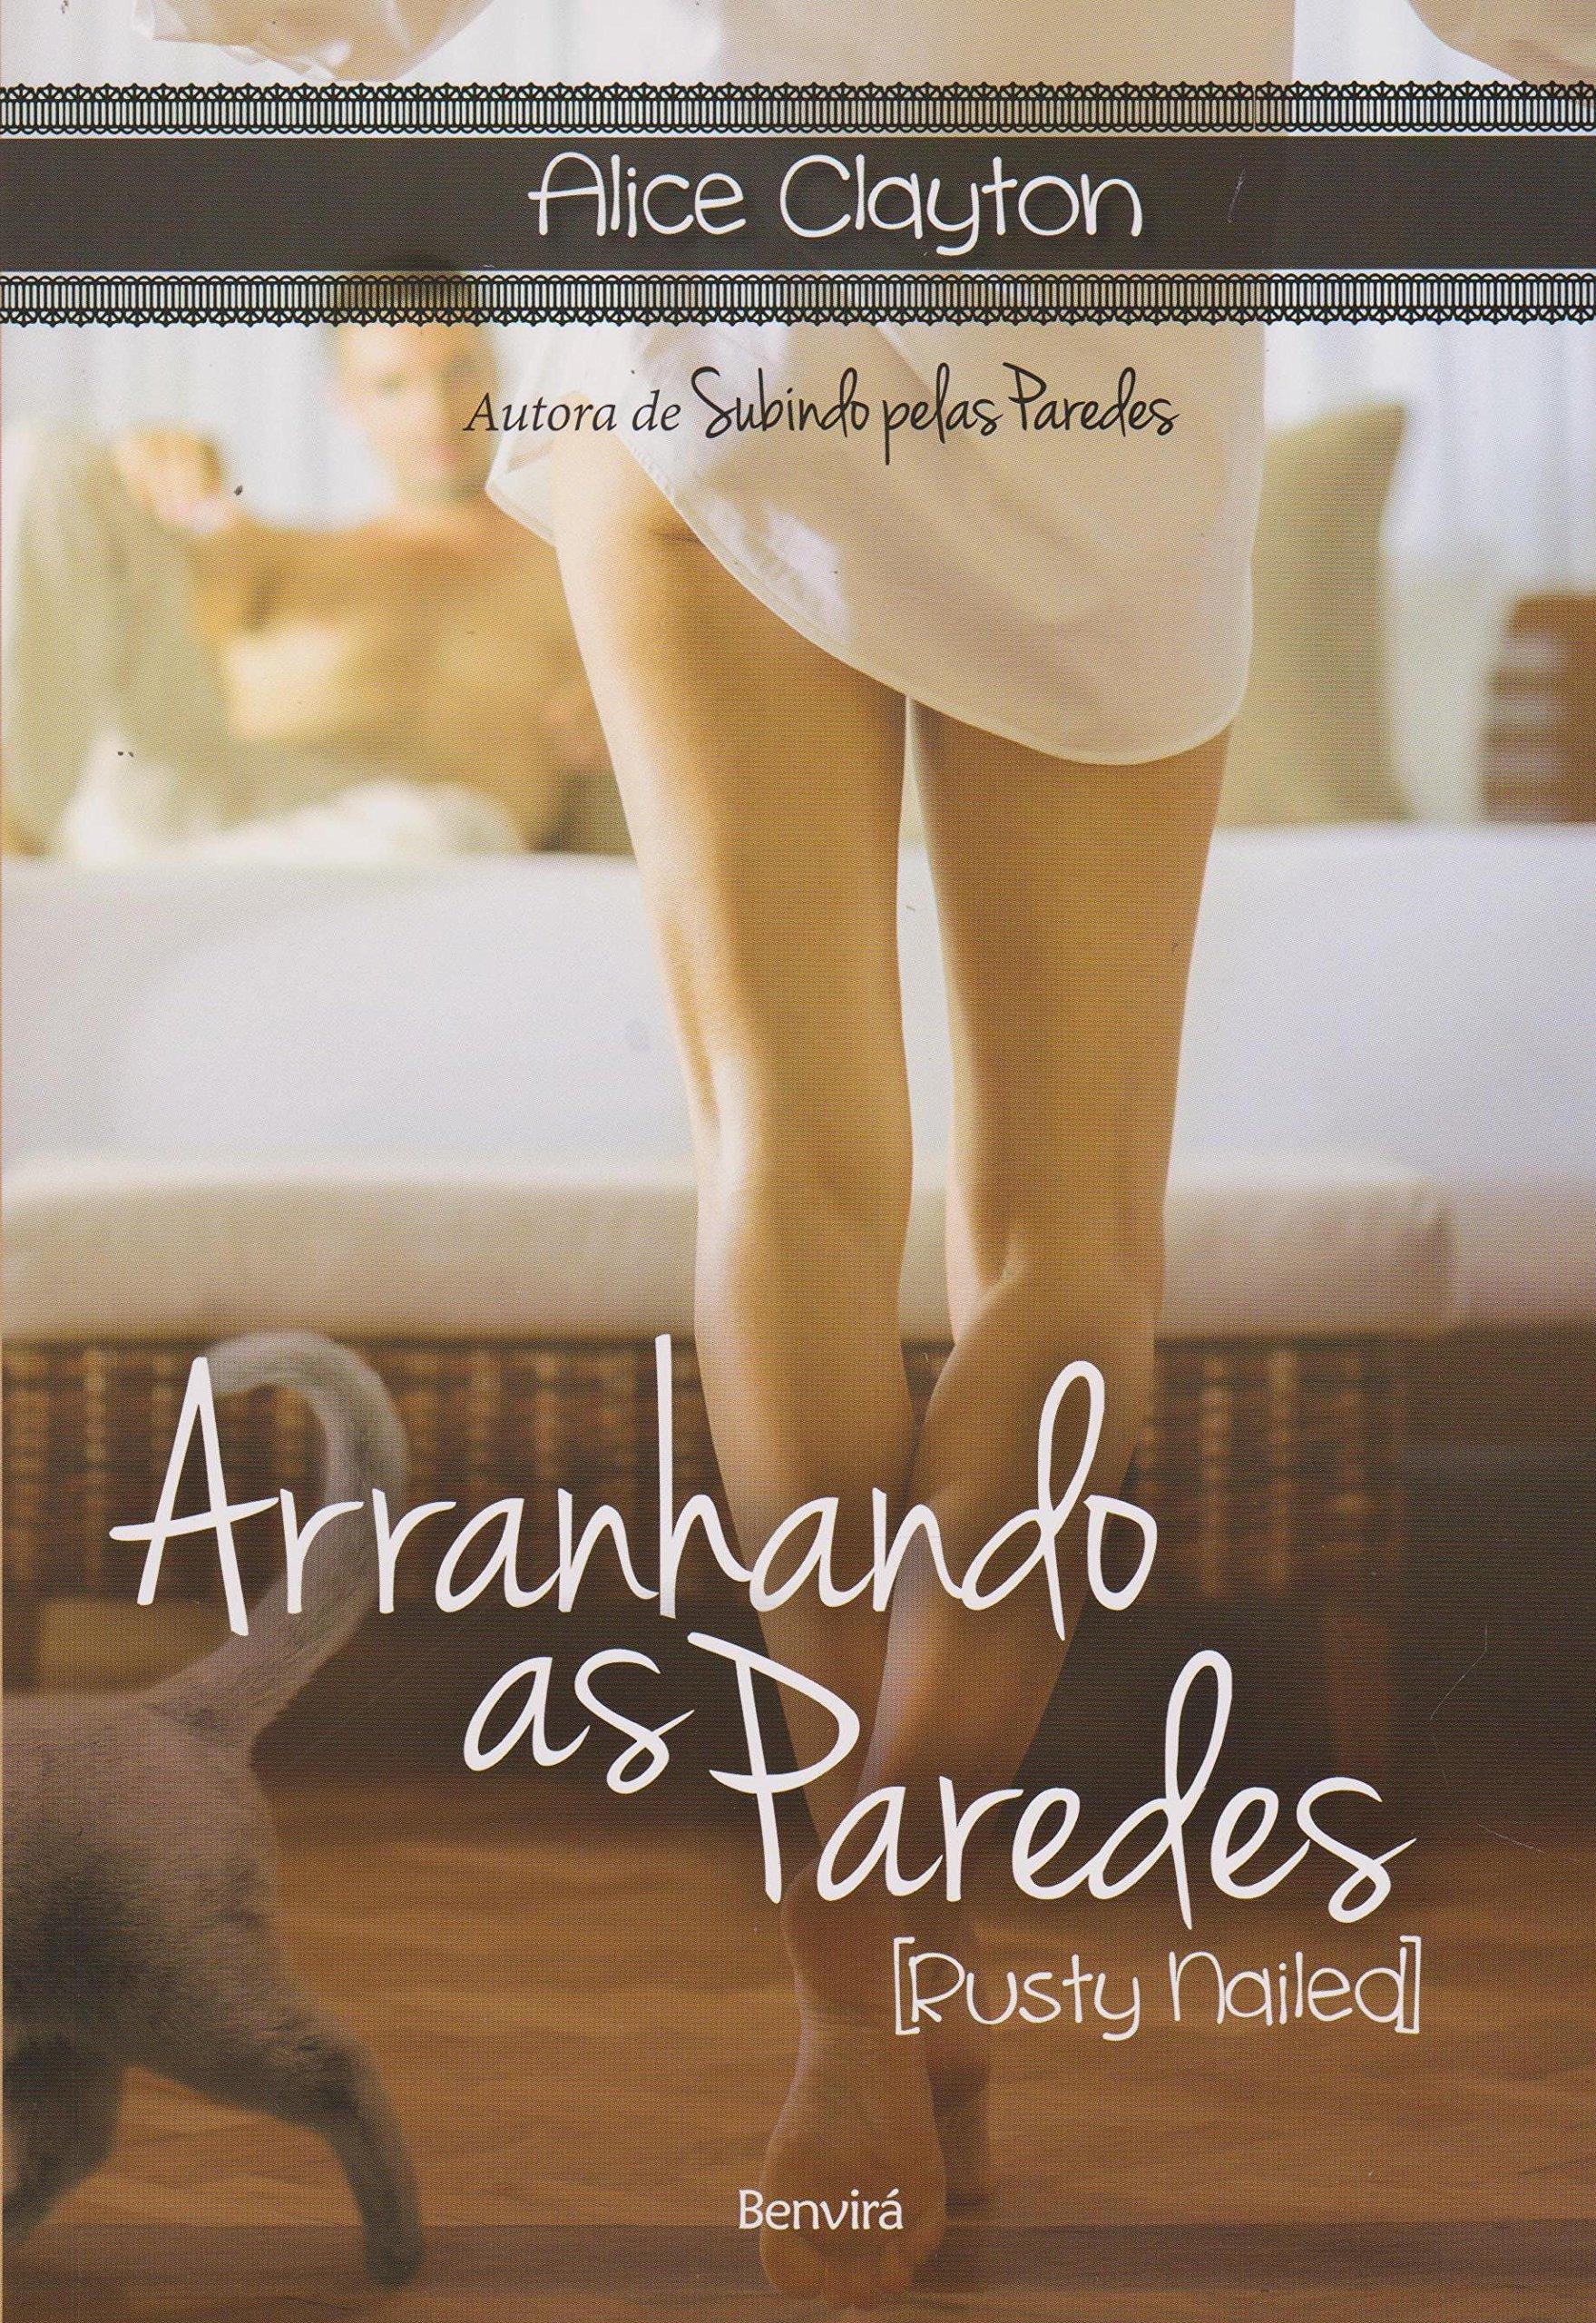 Arranhando as Paredes (Em Portuguese do Brasil): Alice Clayton: 9788557170506: Amazon.com: Books